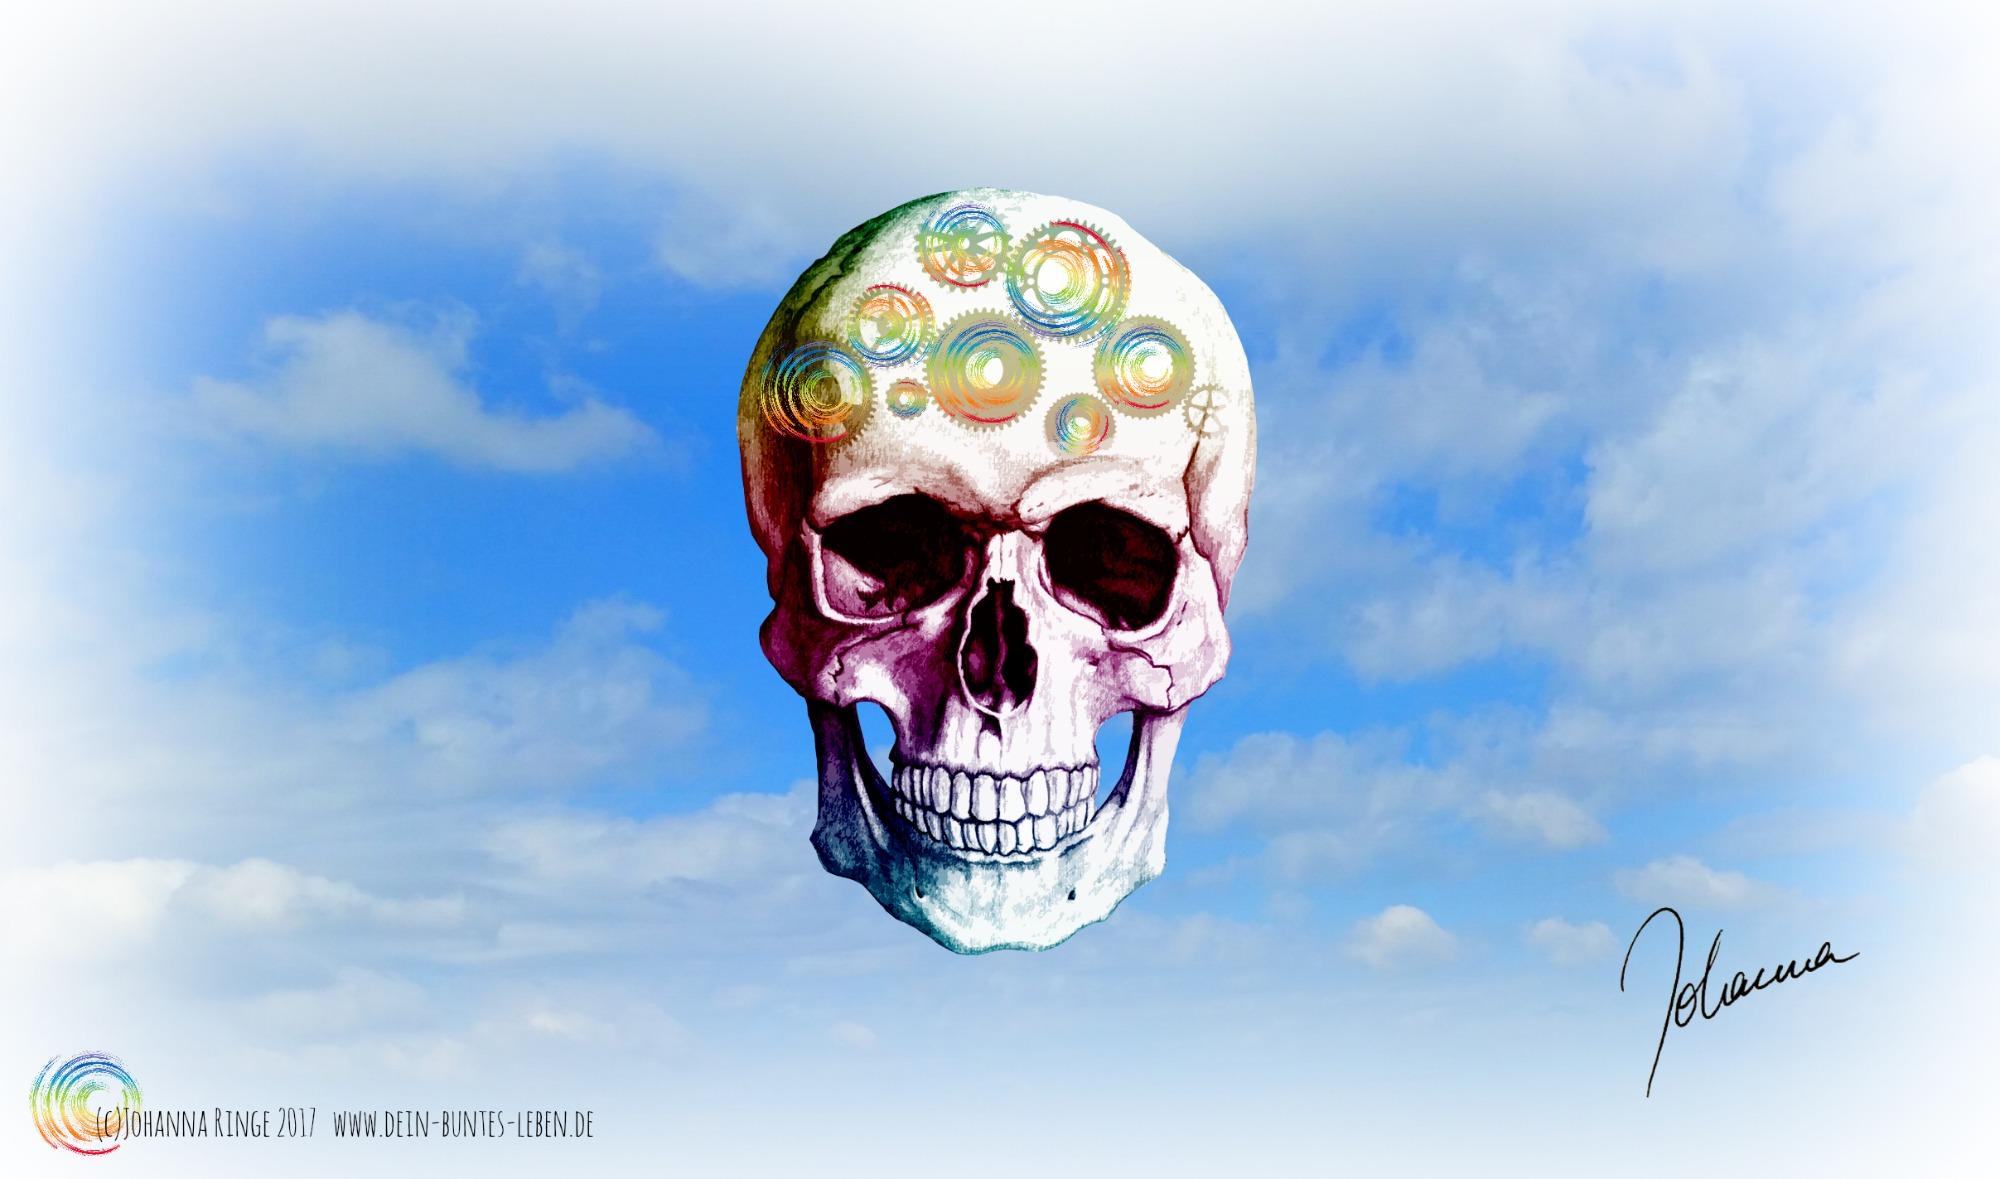 Ein Schädel mit Zahnrädern auf der Stirn schwebt in einem hellen Sommerwolkenhimmel: IQ-Test (c) Johanna Ringe 2017 www.dein-buntes-leben.de